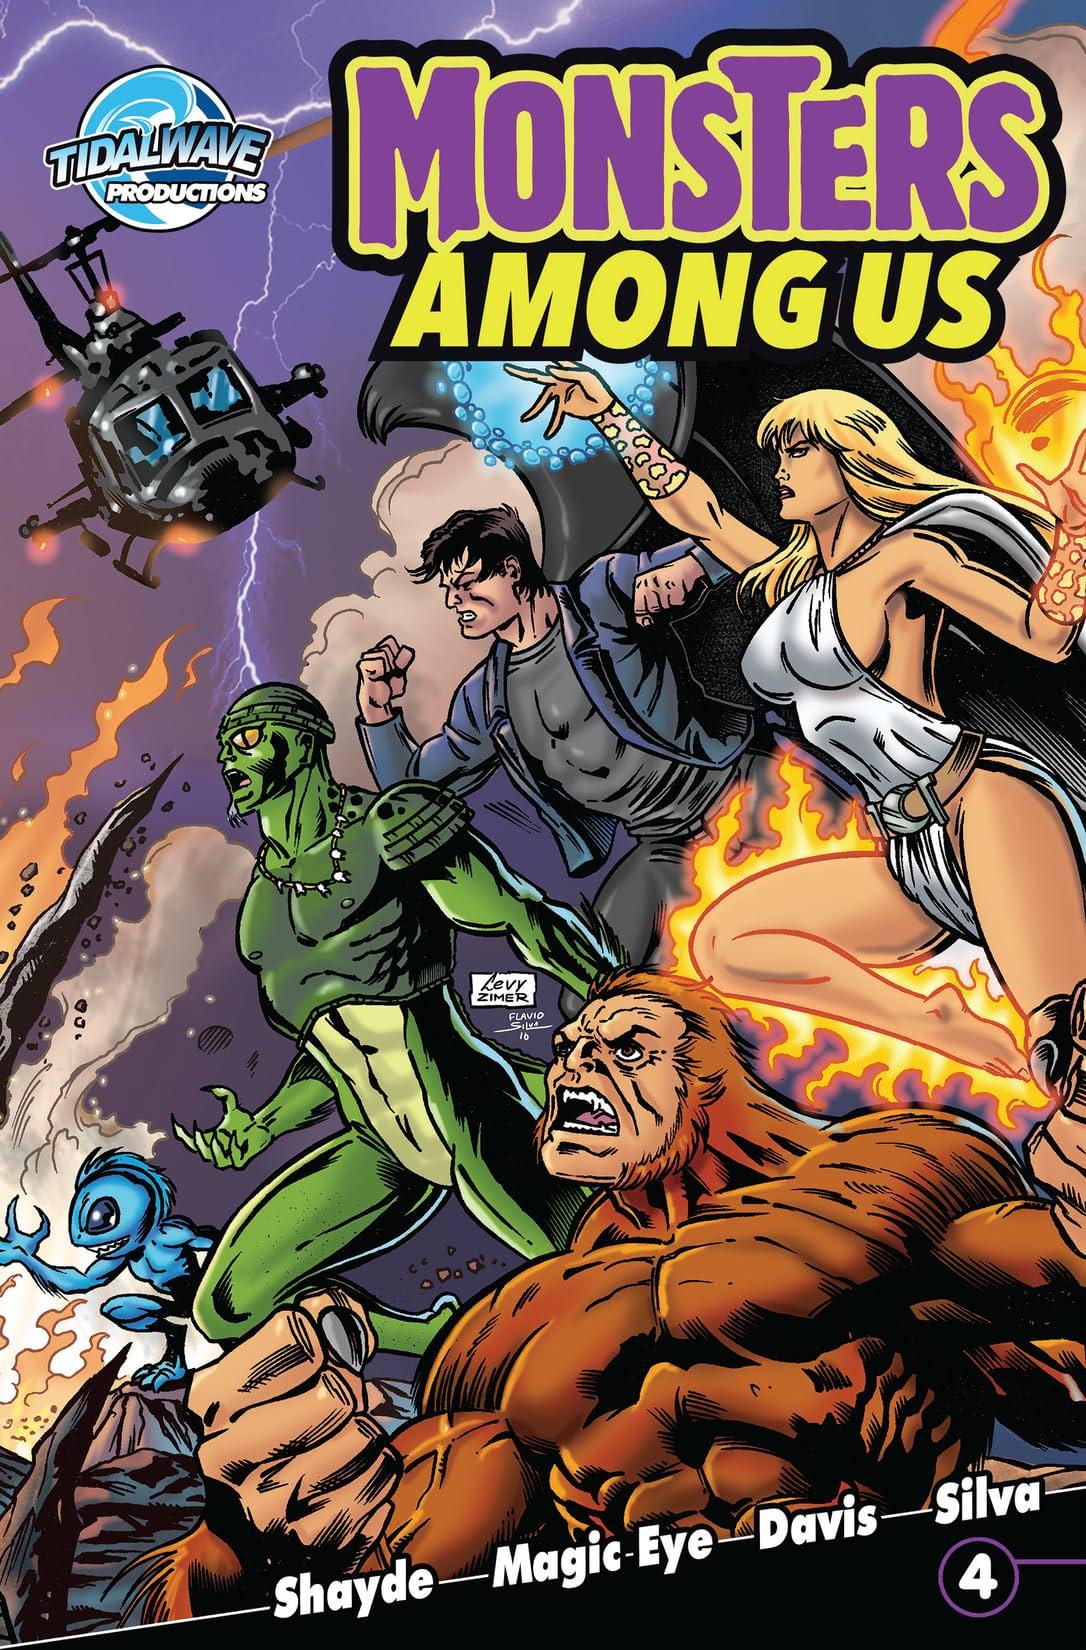 Monsters Among Us #4